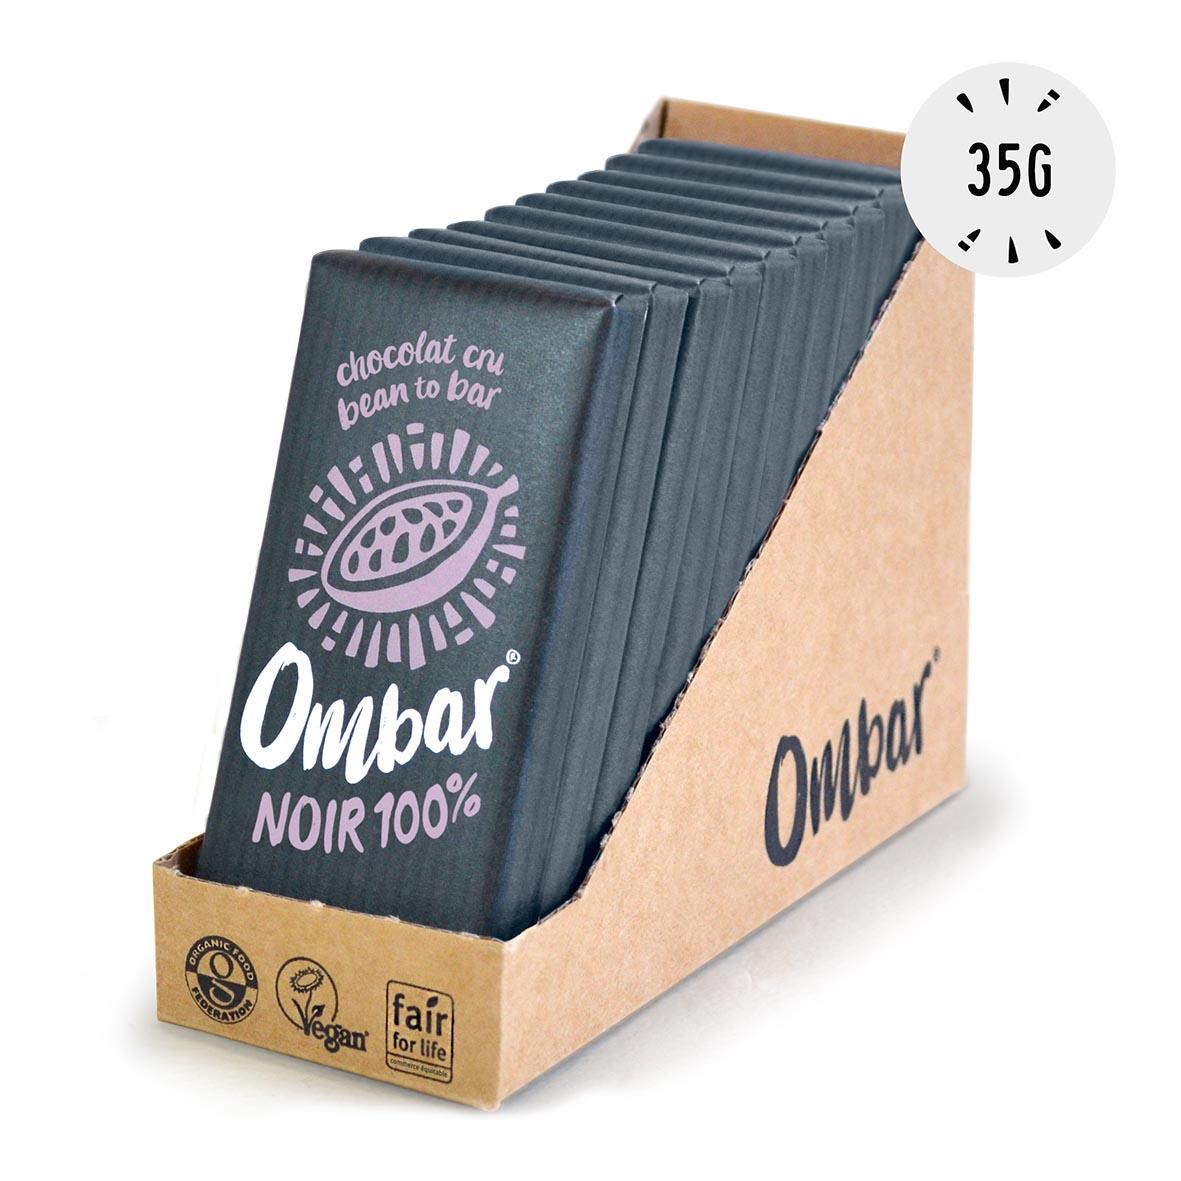 Ombar - Lot de 9+1 Chocolats Crus 100% Cacao 35g Bio